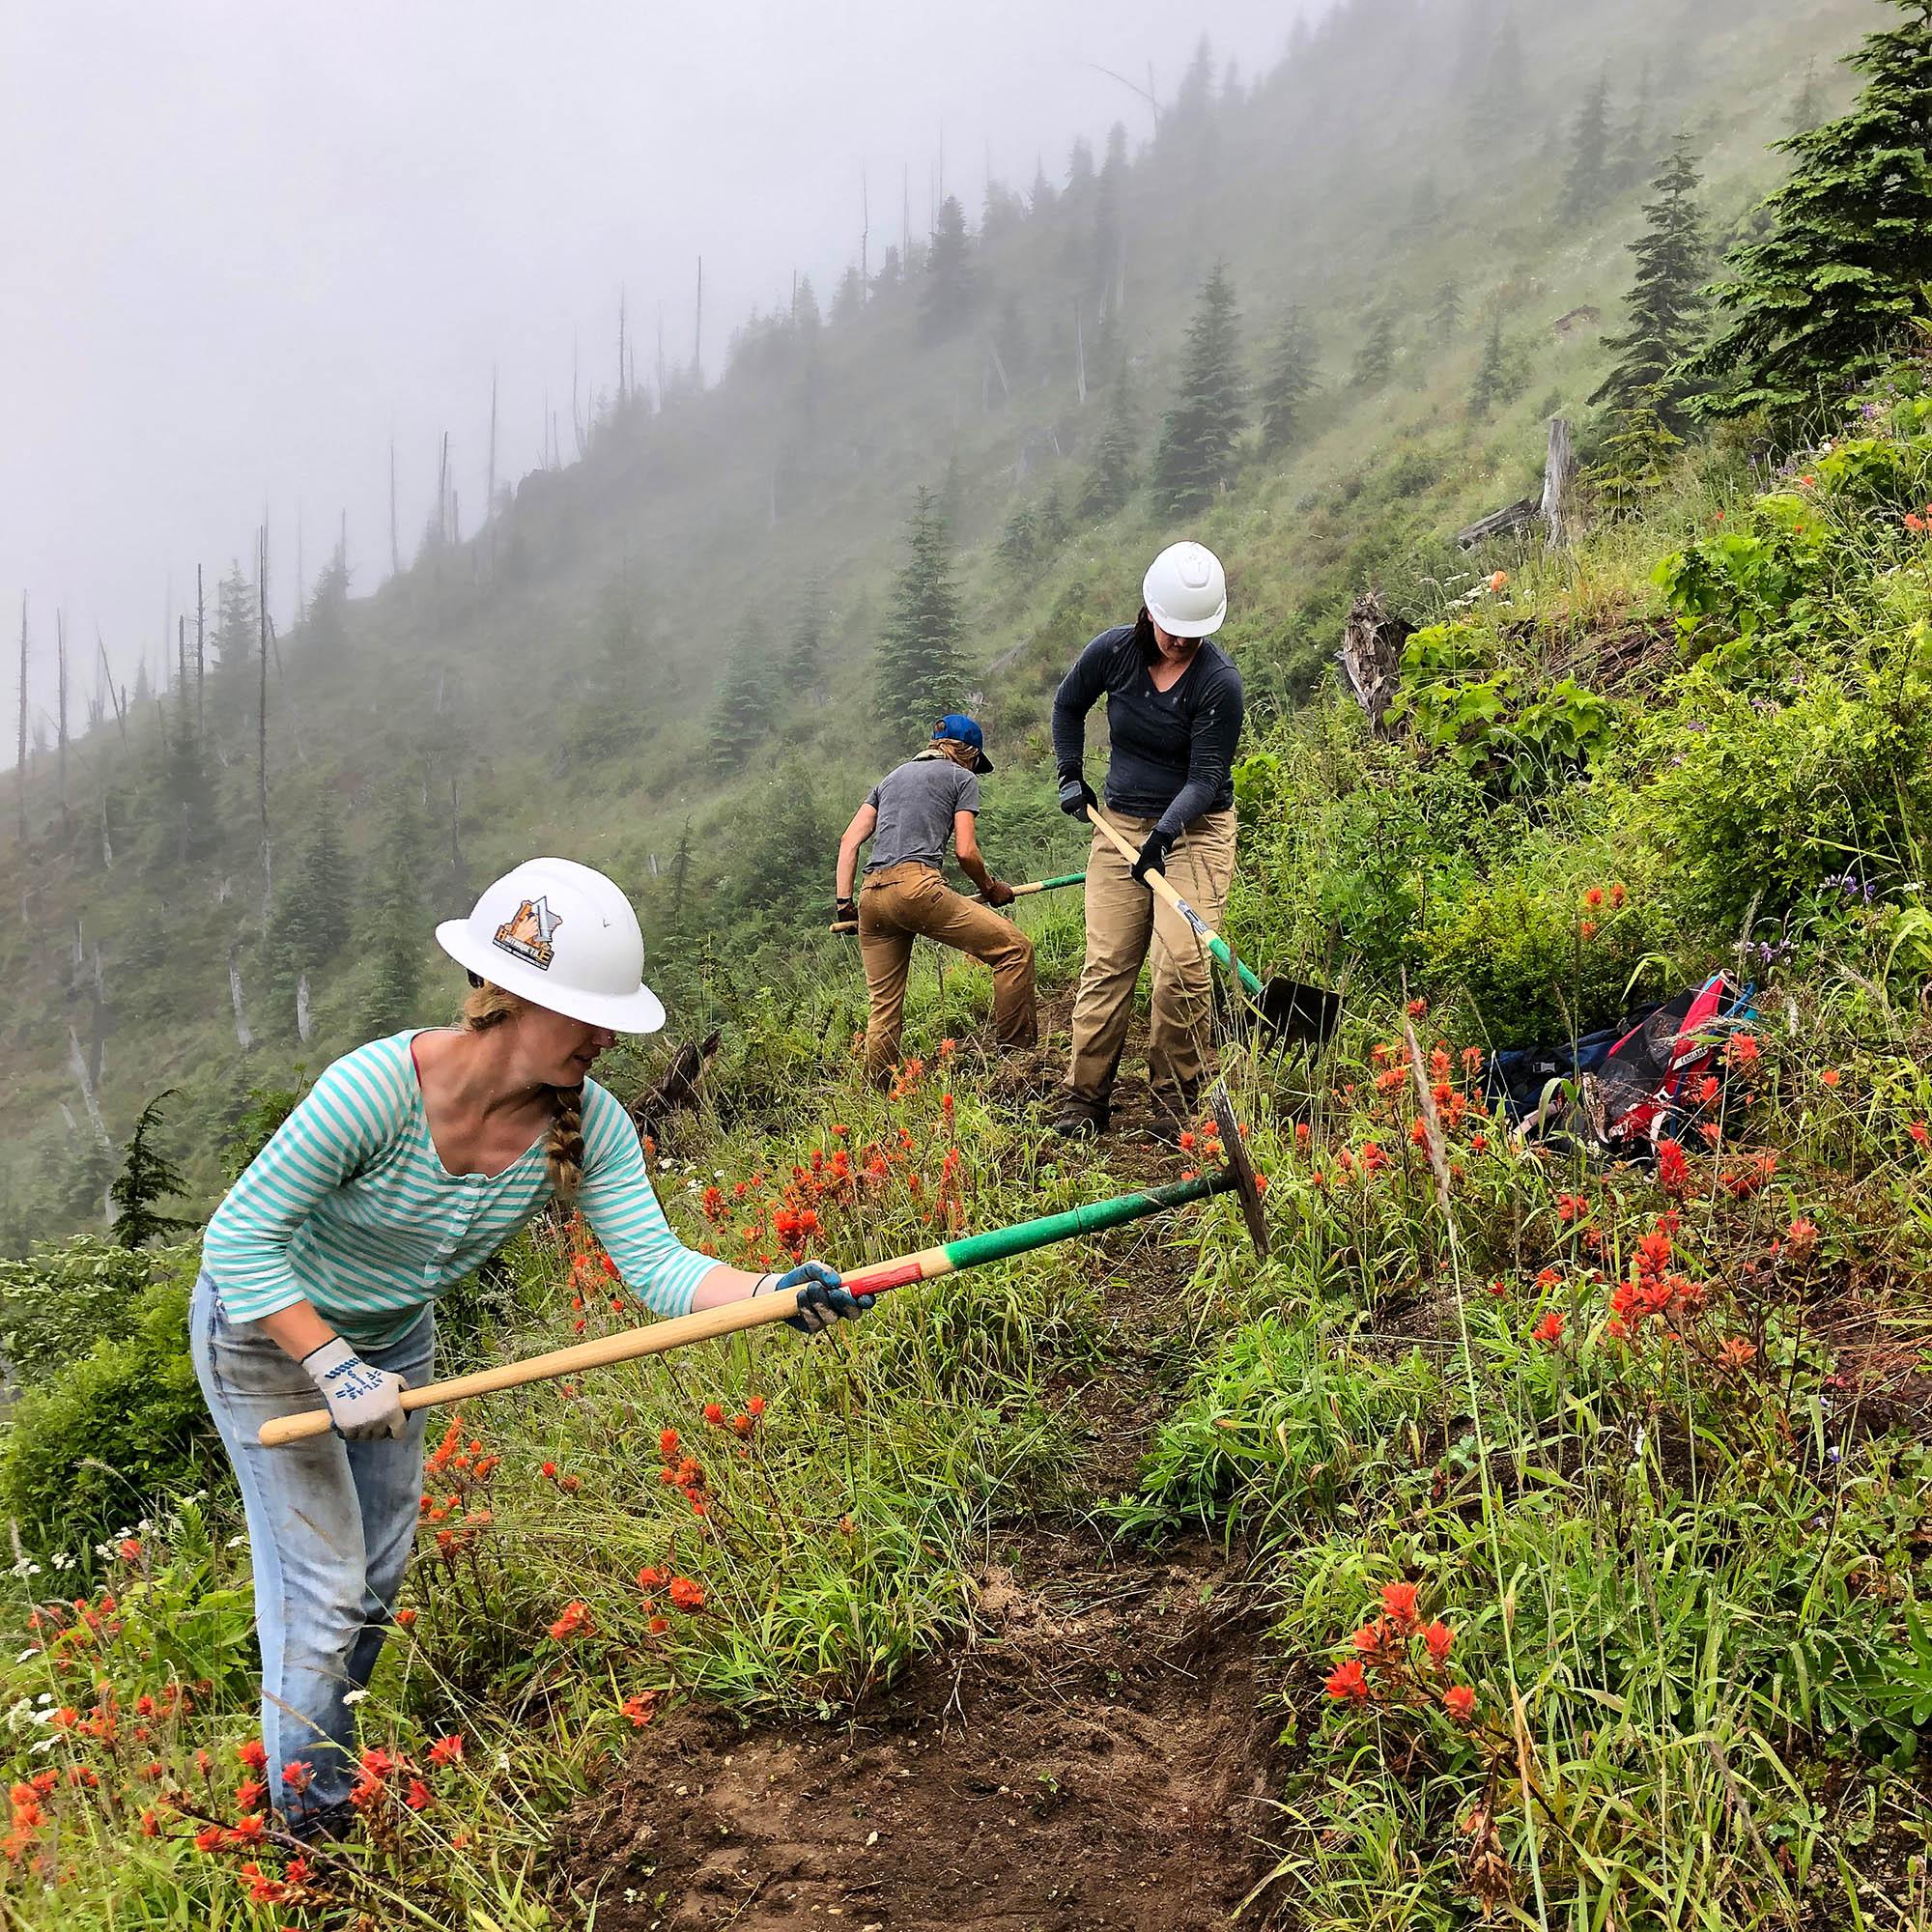 Racing to Digging